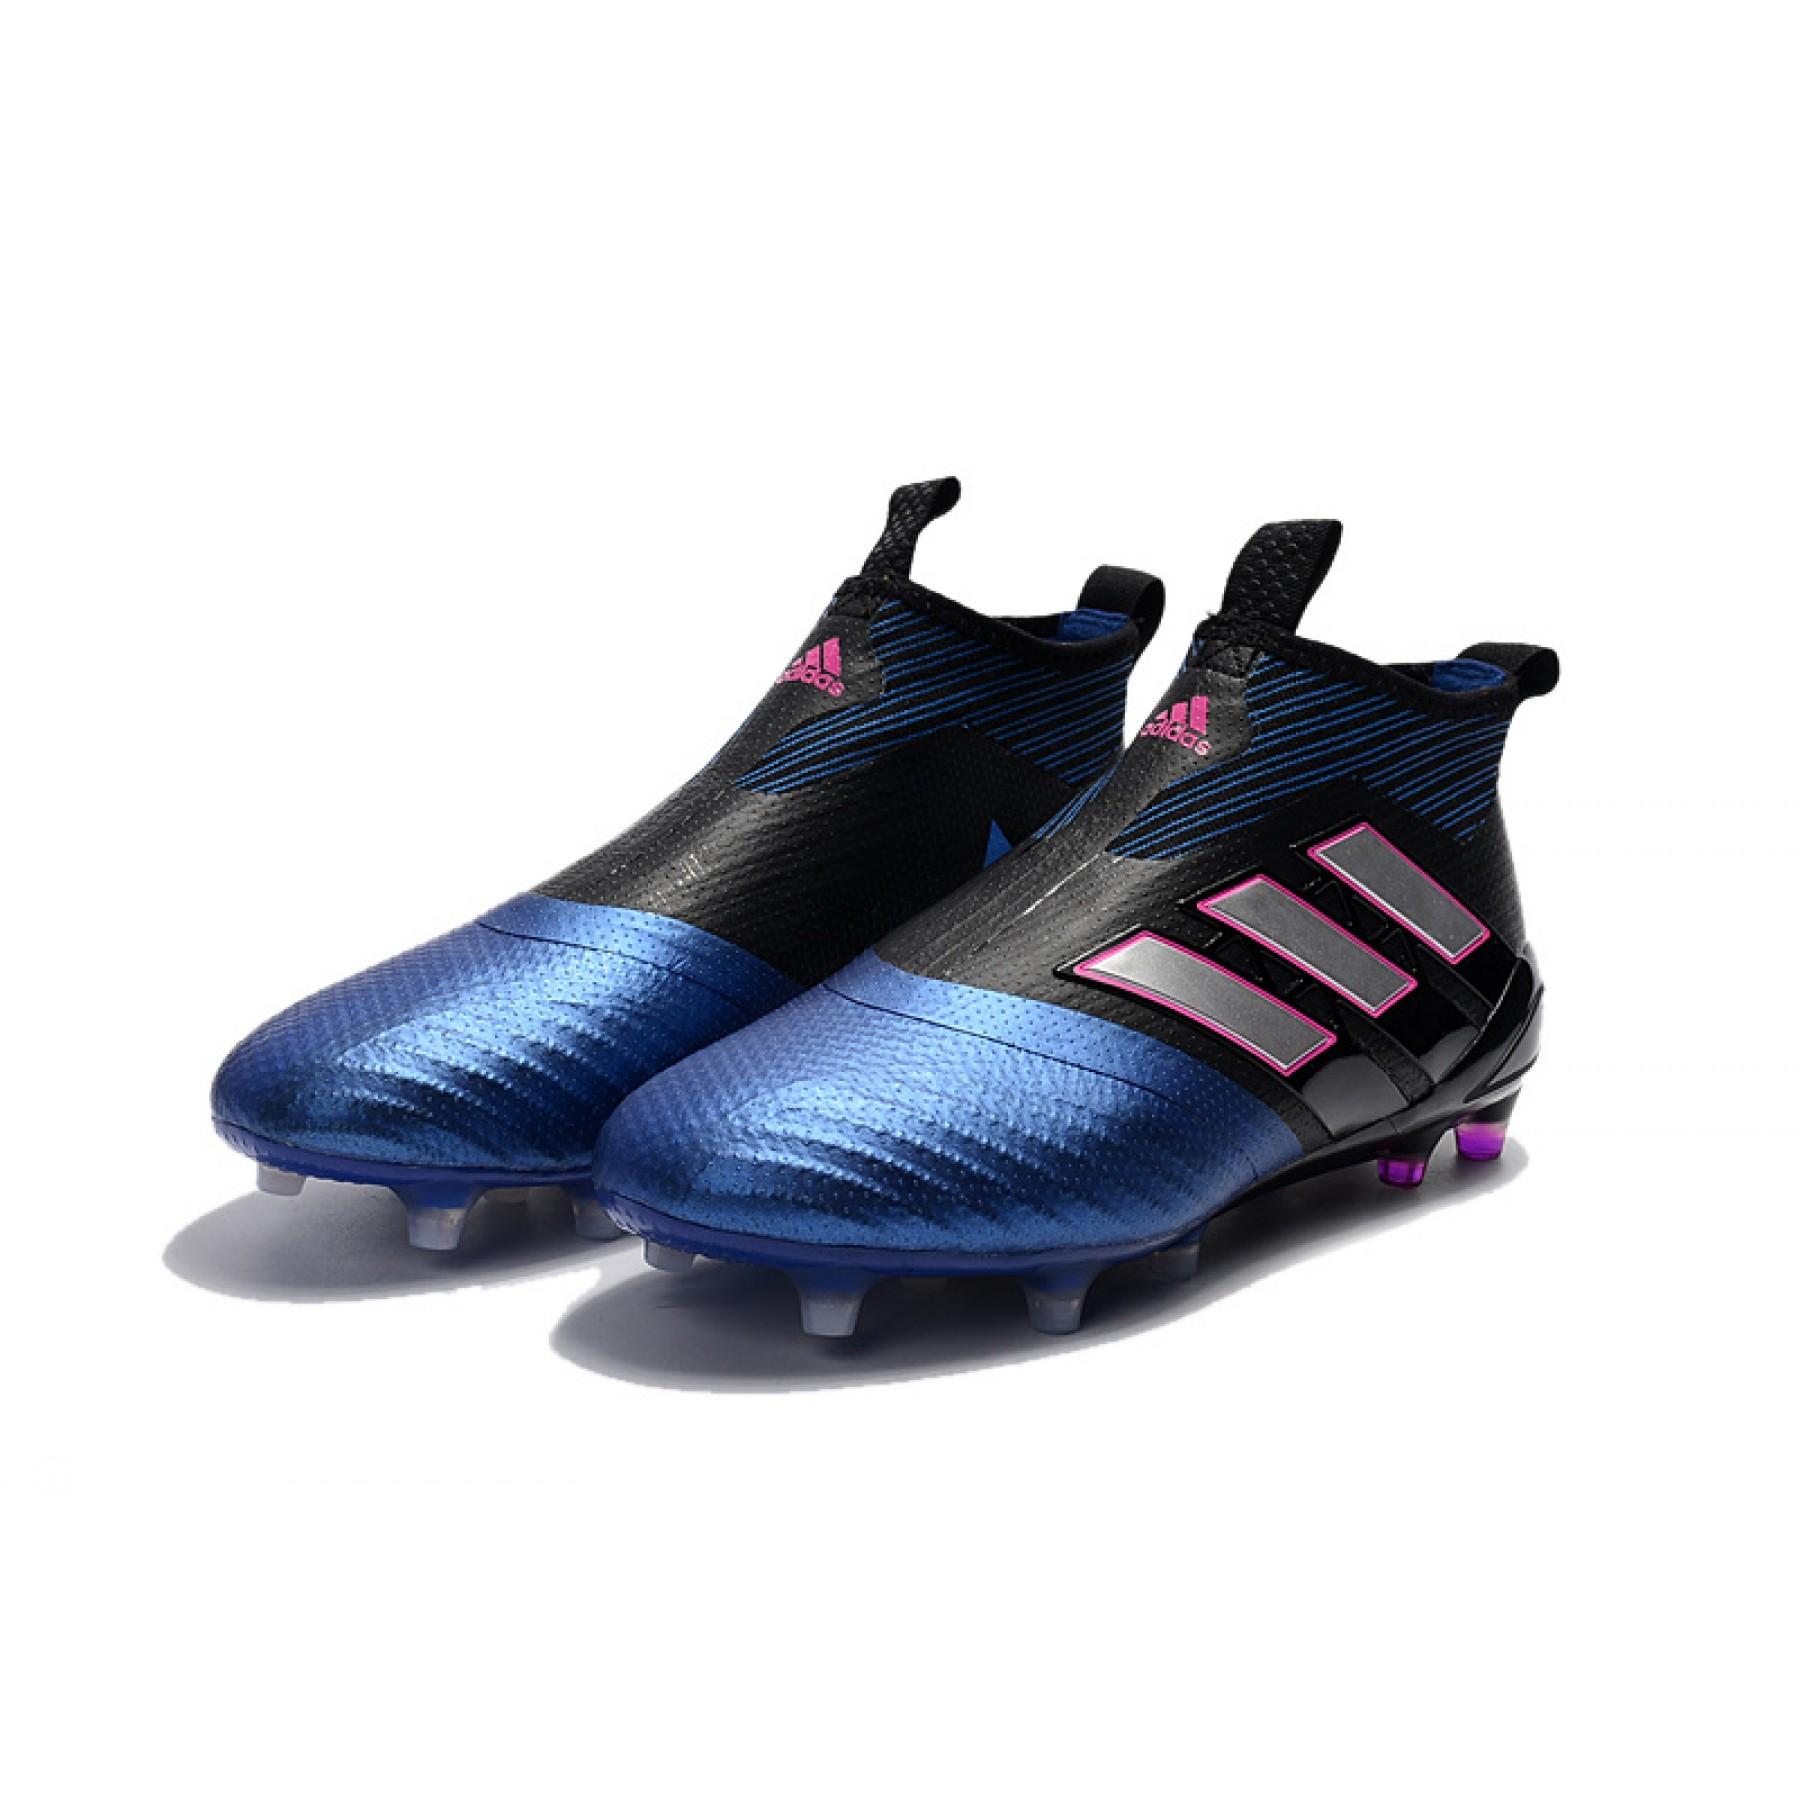 e2b129b213 Adidas ACE 17+ PureControl FG Cores Azul e Preto